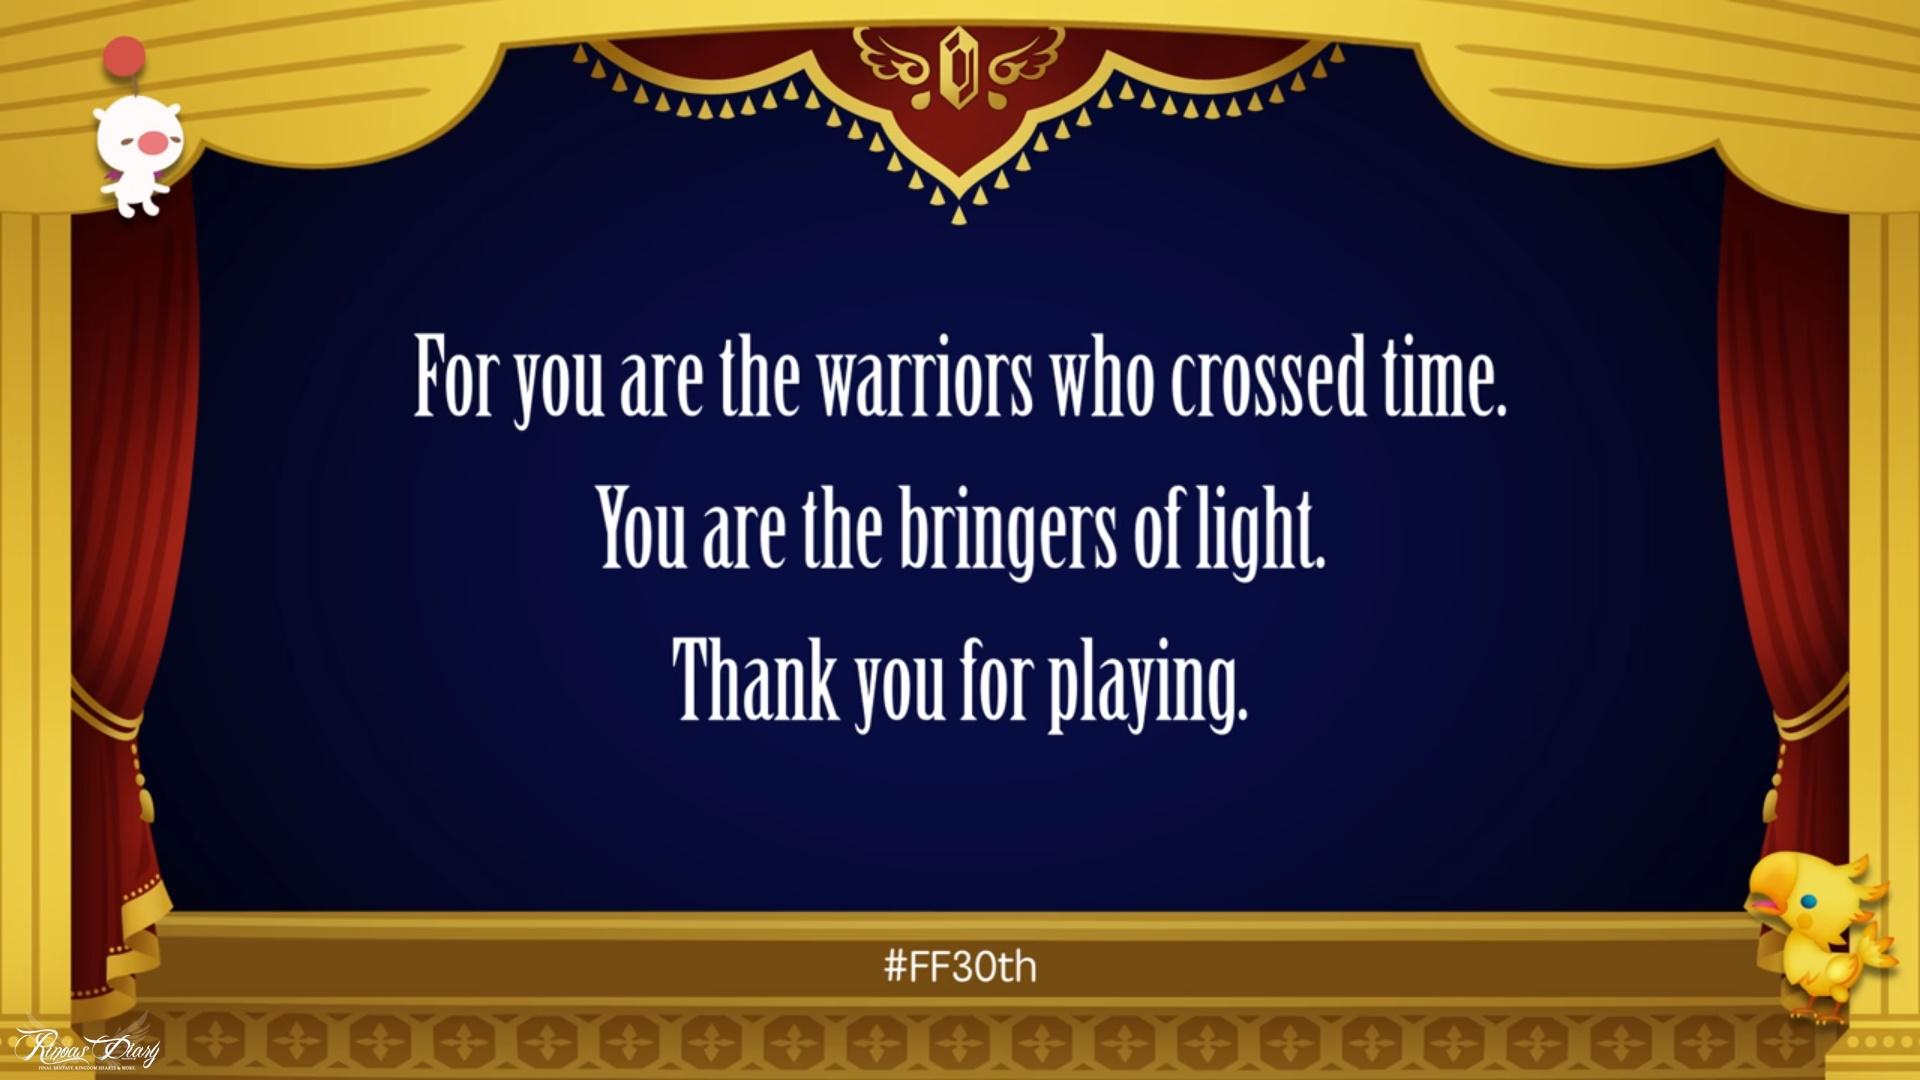 Final Fantasy 30th Anniversary Fan Tribute Video